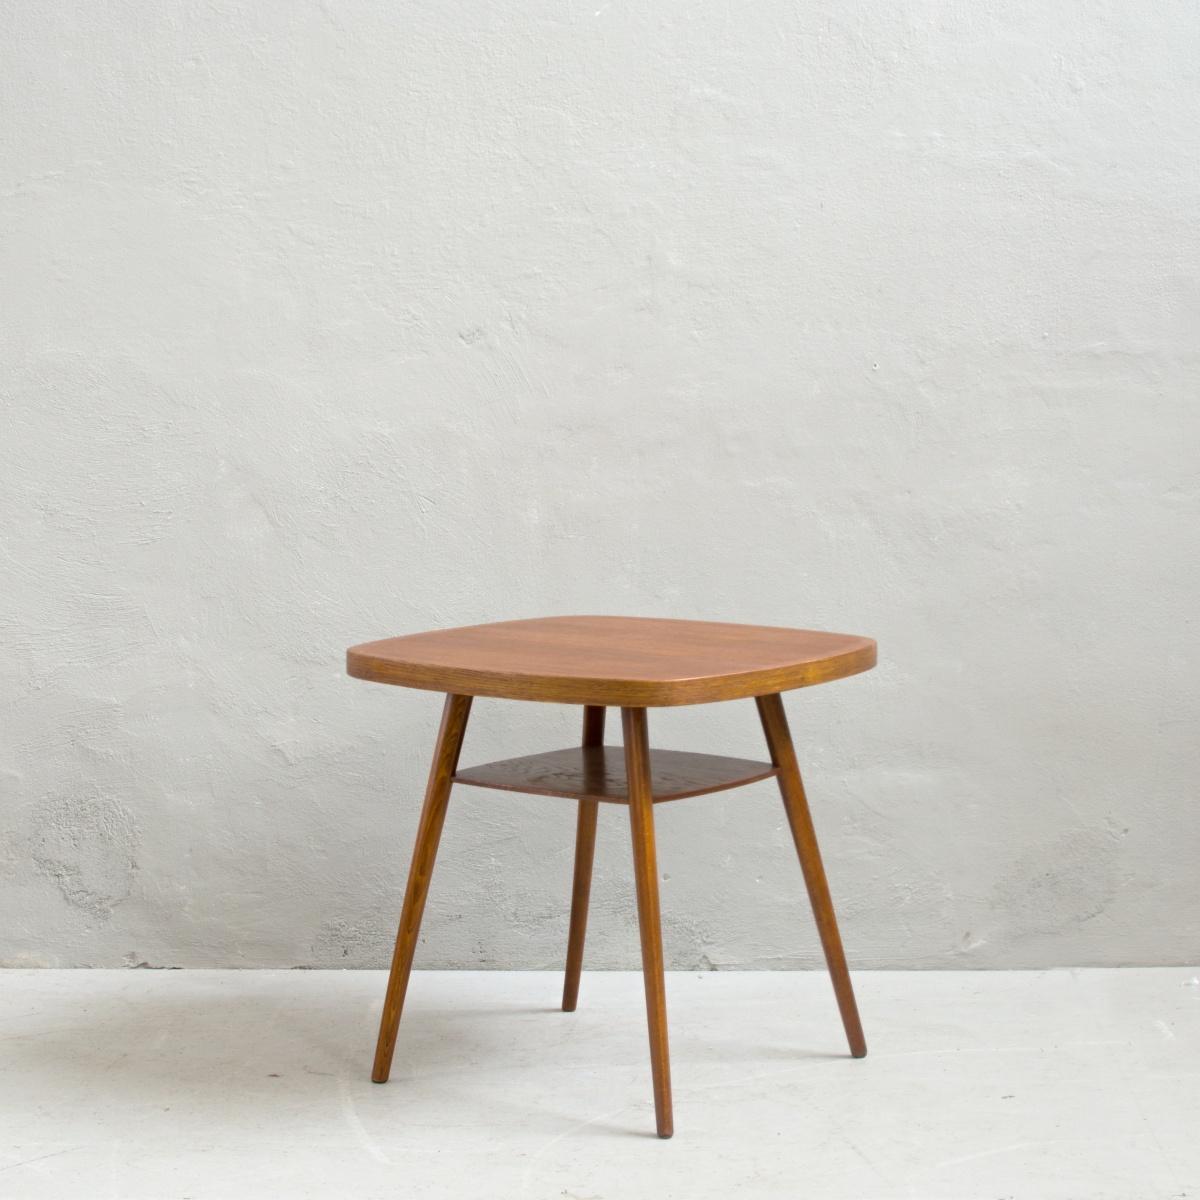 Renovace retro nábytku konferenční retro stolek